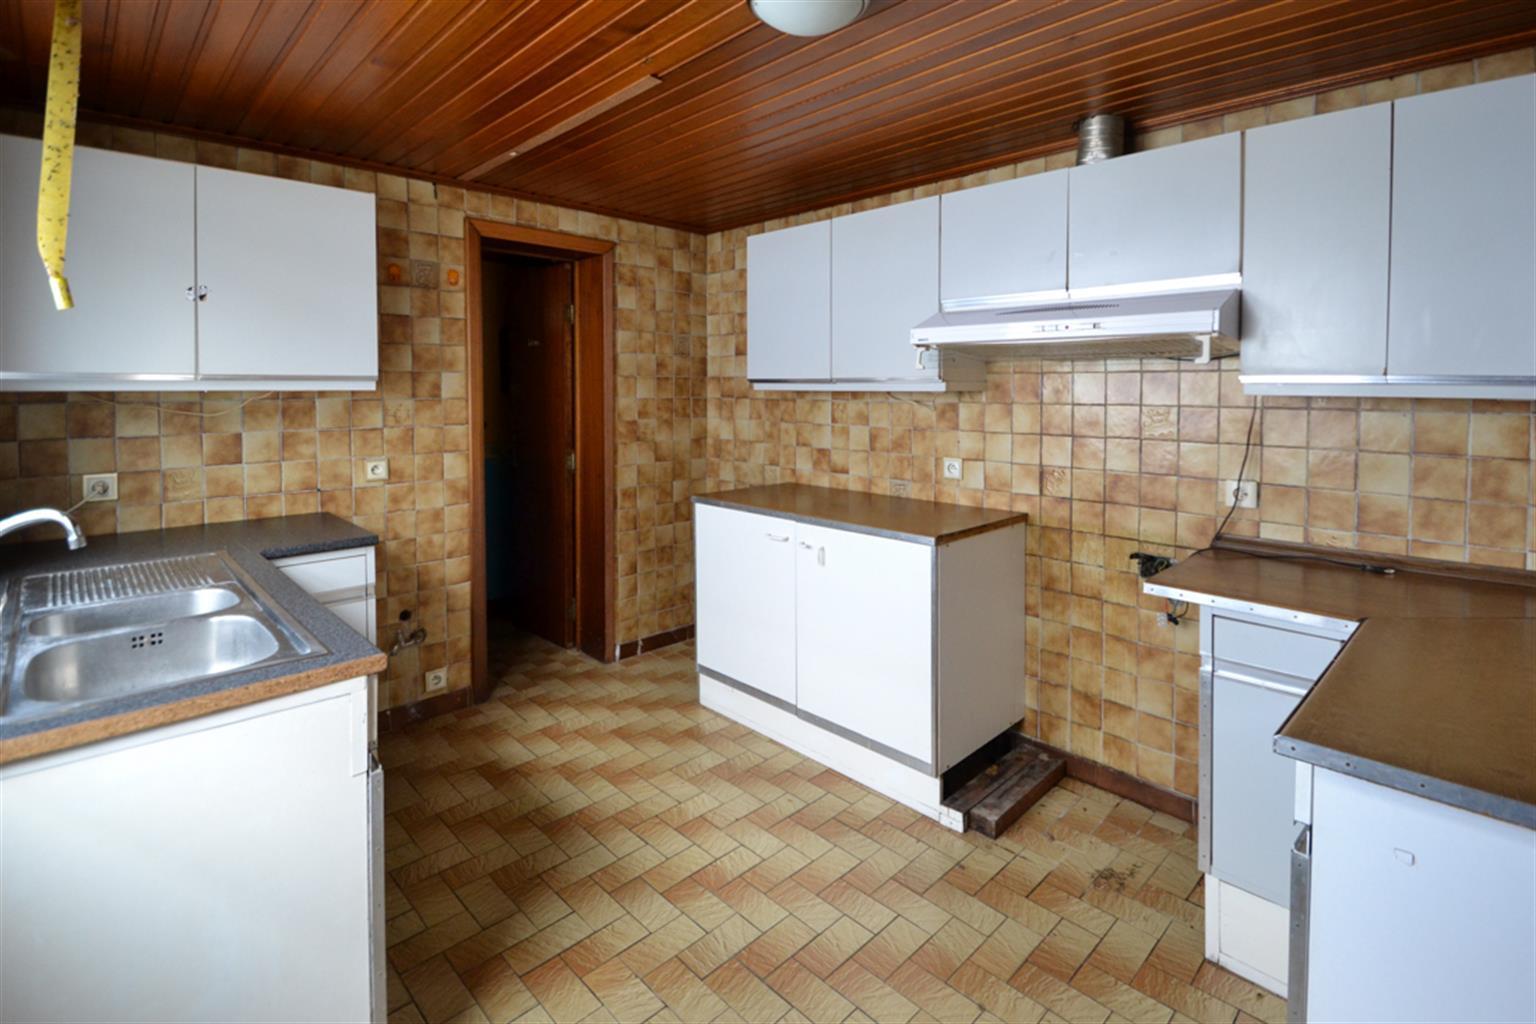 Maison - Monceau-sur-Sambre - #3636799-3